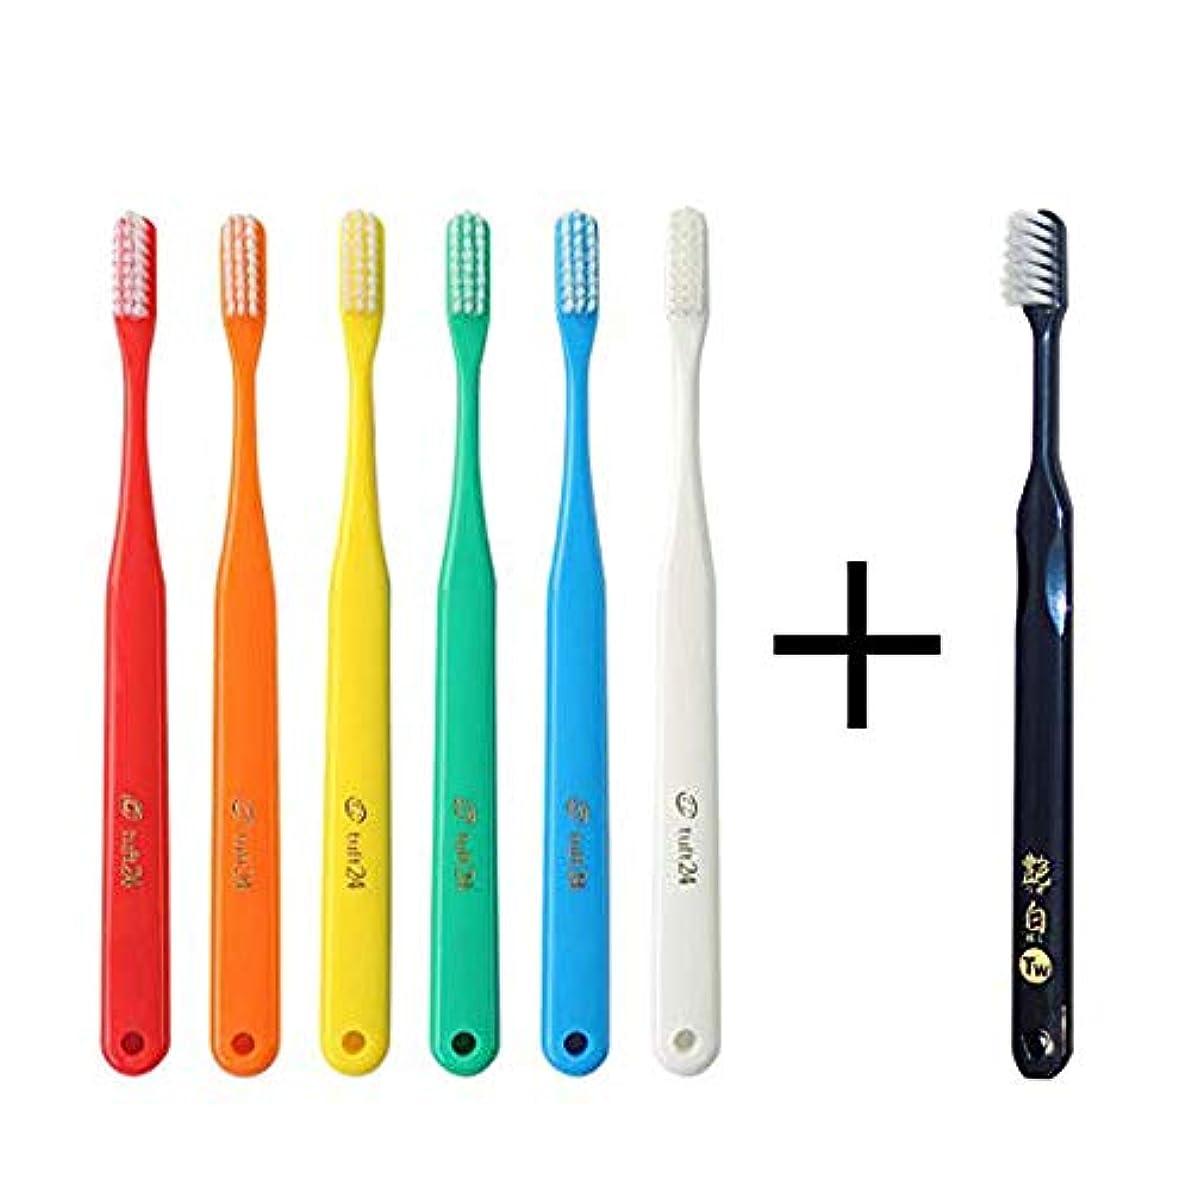 ステッチ伝導率東方タフト24 歯ブラシ× 10本 (M) キャップなし + 艶白ツイン 歯ブラシ (M ふつう) ×1本 むし歯予防 歯科専売